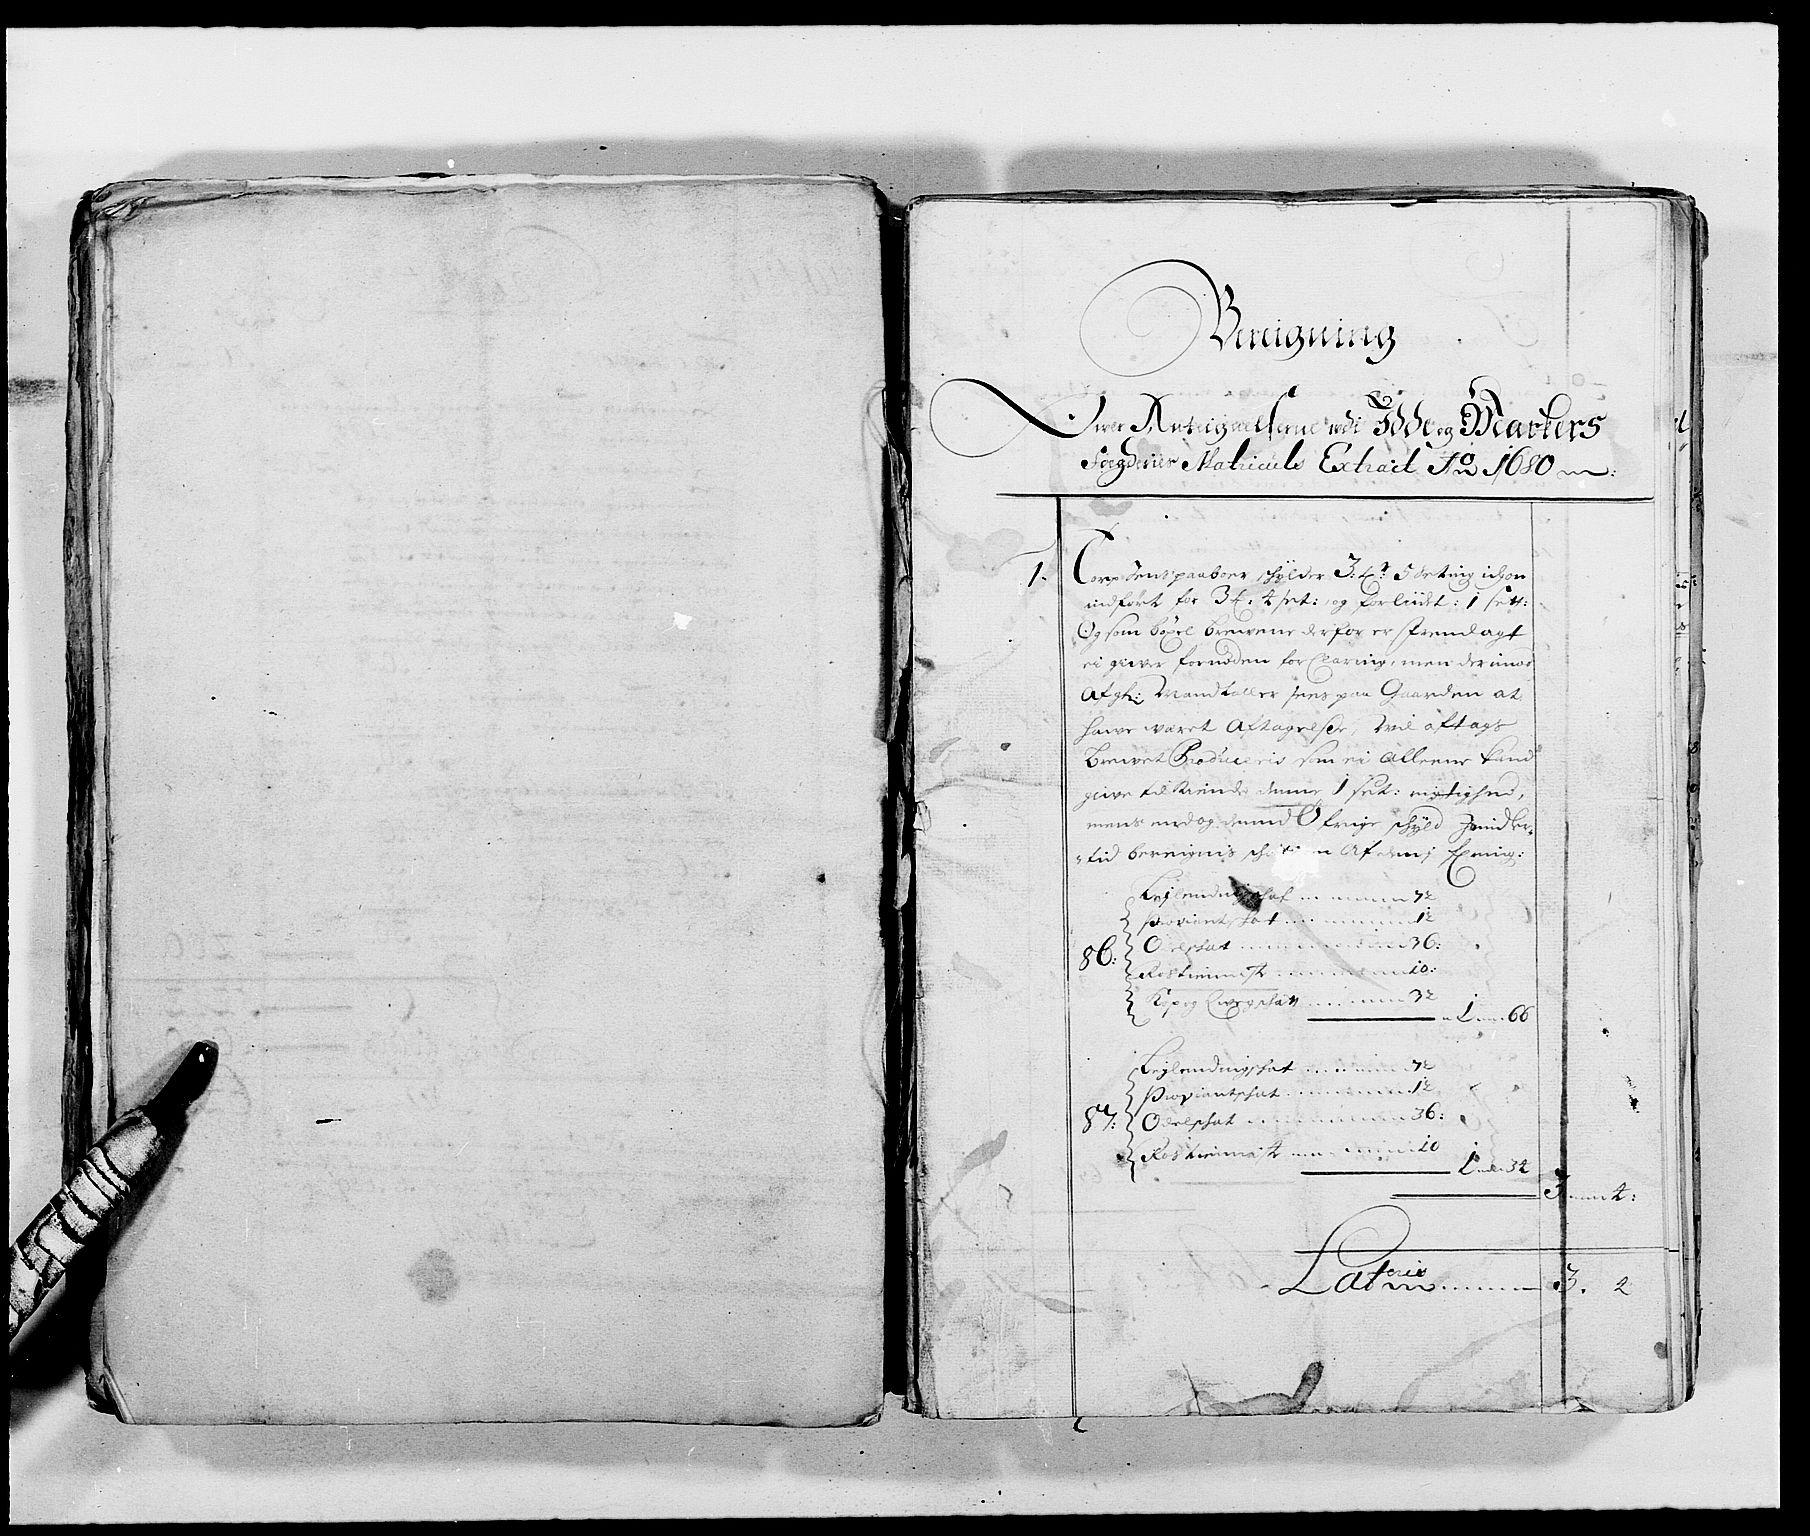 RA, Rentekammeret inntil 1814, Reviderte regnskaper, Fogderegnskap, R01/L0009: Fogderegnskap Idd og Marker, 1689, s. 50